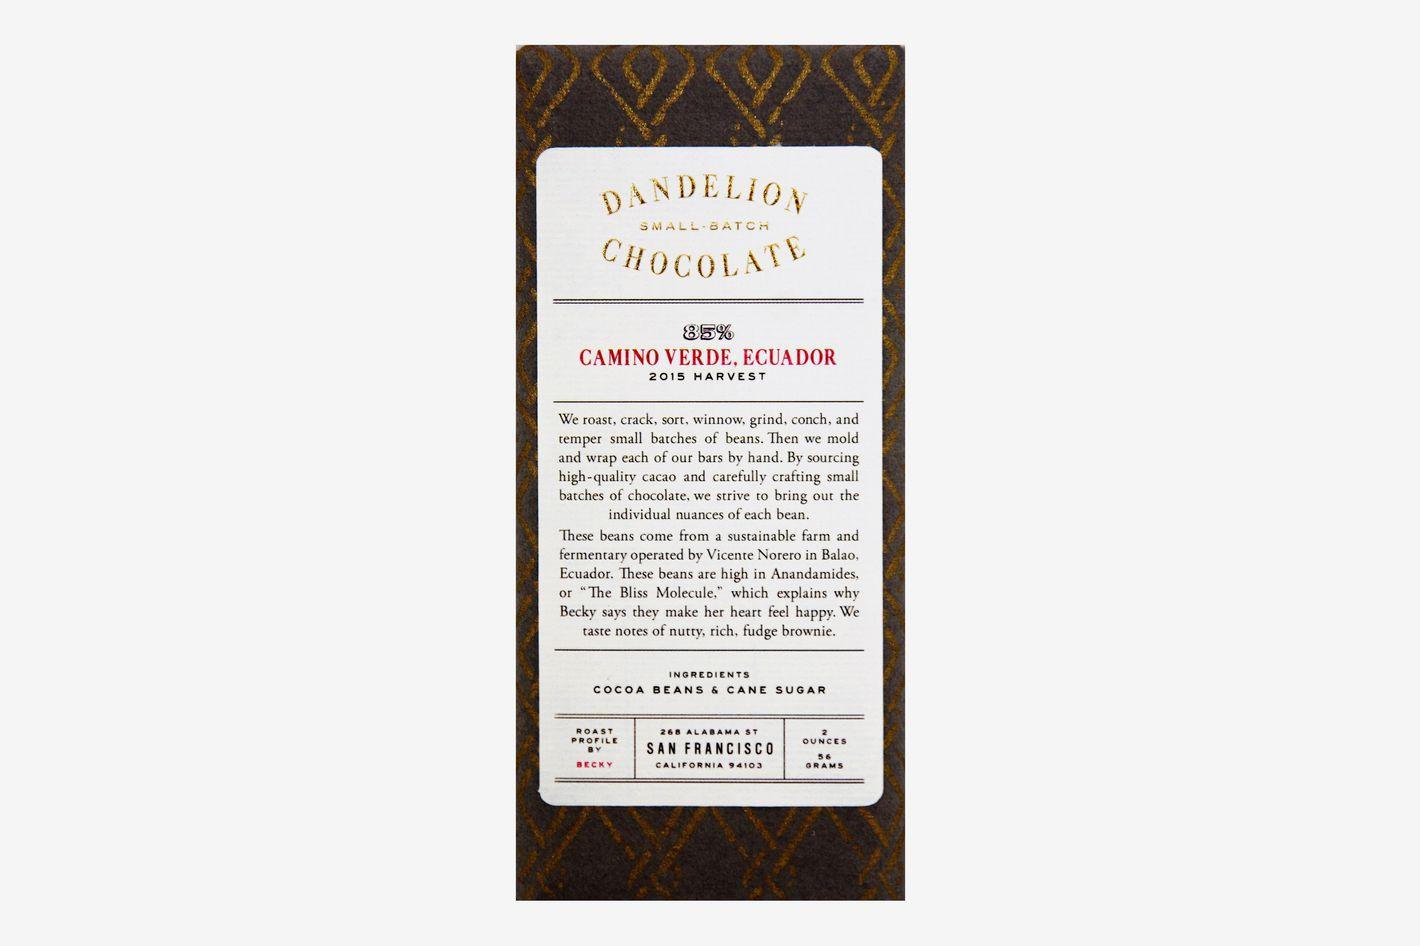 Dandelion Camino Verde Ecuador 85% Dark Chocolate